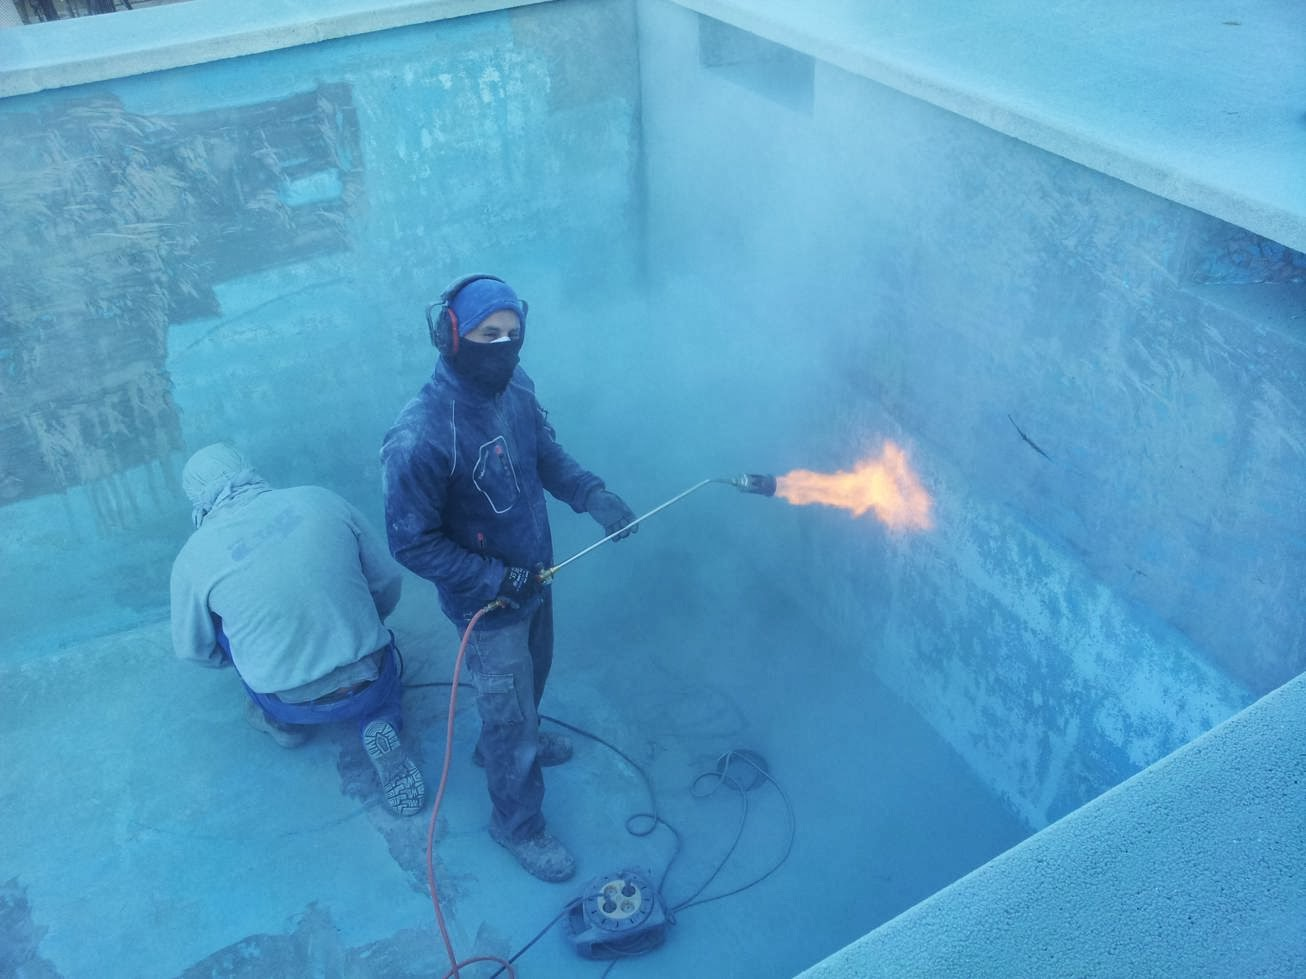 Construcci n reparacion y mantenimientos de piscinas - Pintura de piscina ...